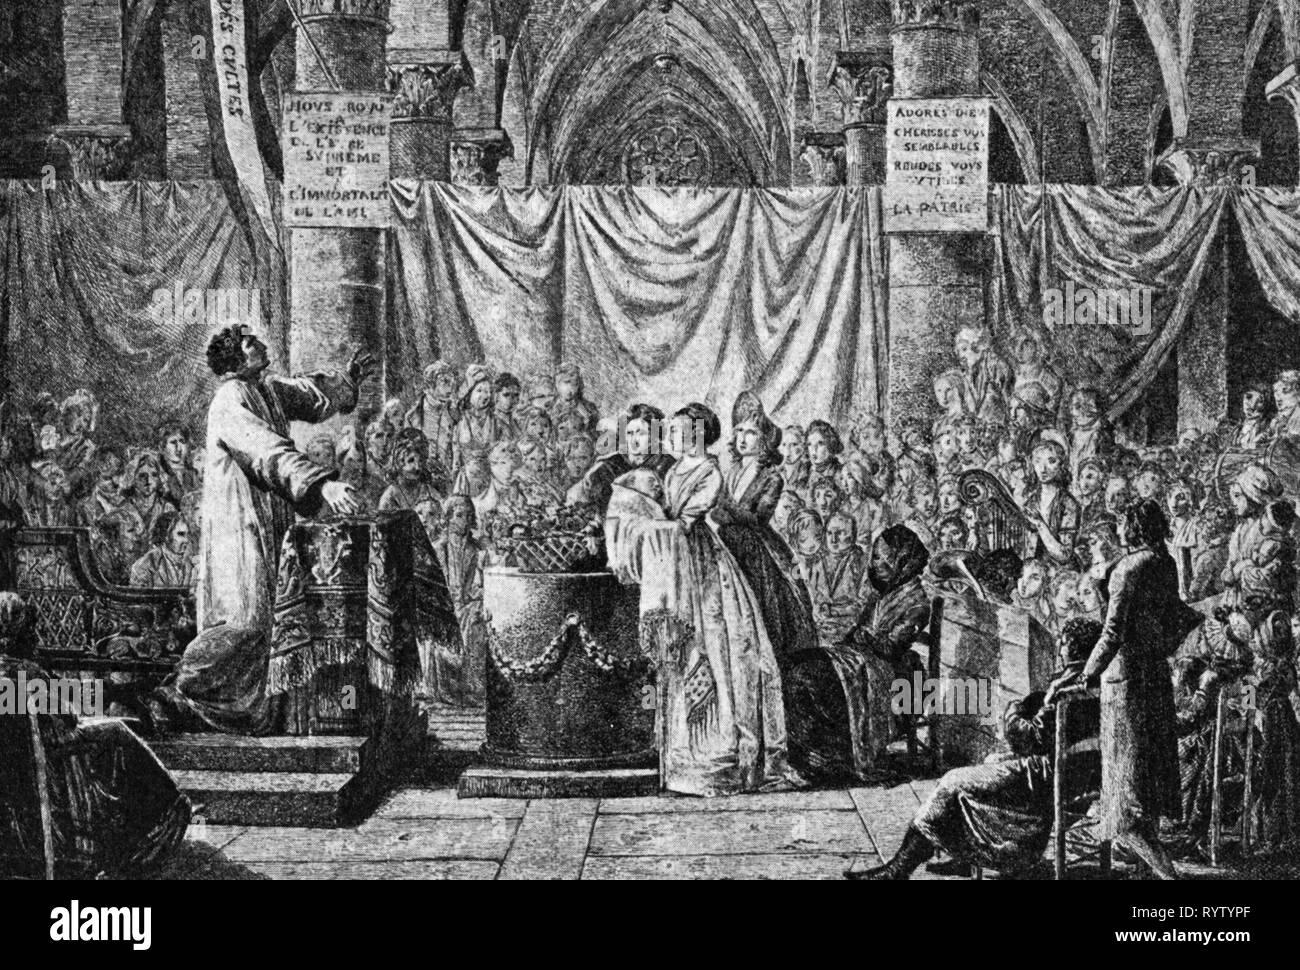 Gli eventi della Rivoluzione Francese 1789 - 1799, 'Le culte naturel', incisione da Jean-Baptiste mazzuolo (1759 - 1835), Parigi, 1797, Additional-Rights-Clearance-Info-Not-Available Immagini Stock